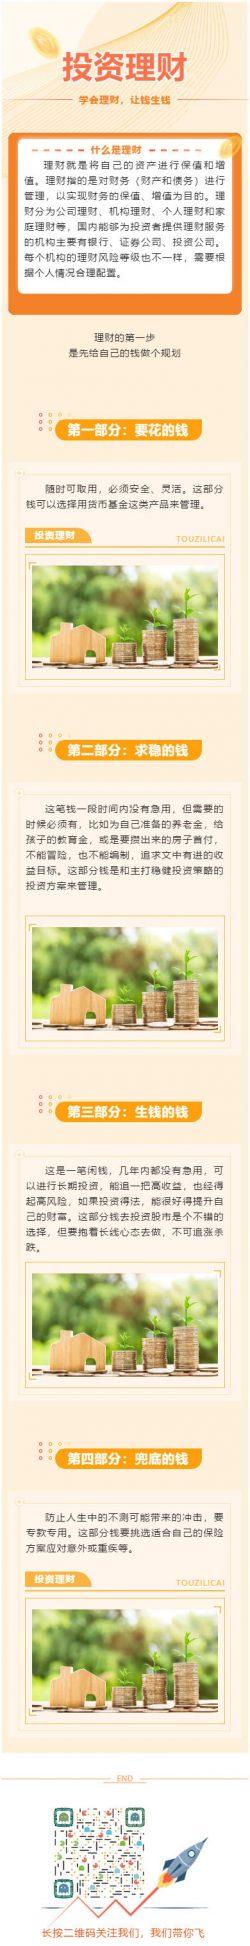 微信投资理财模板公众号推送图文素材银行股市推文文章